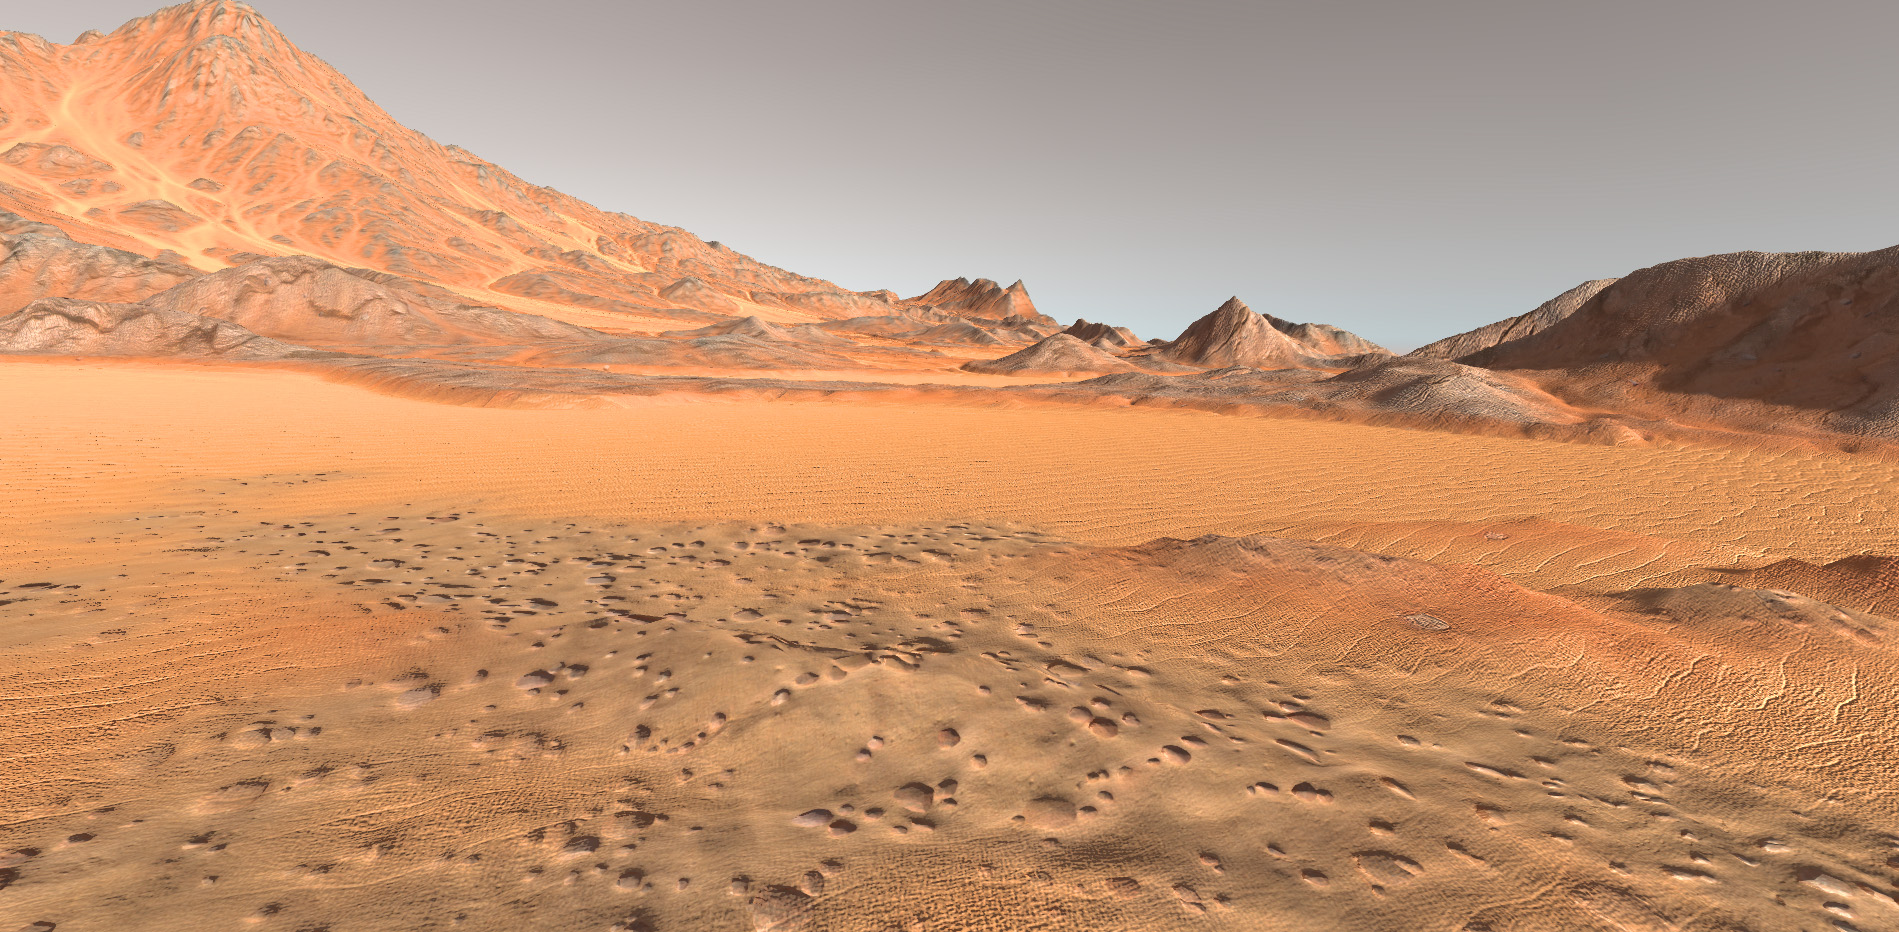 Mars_Unity_Wip_Grab_02.jpg